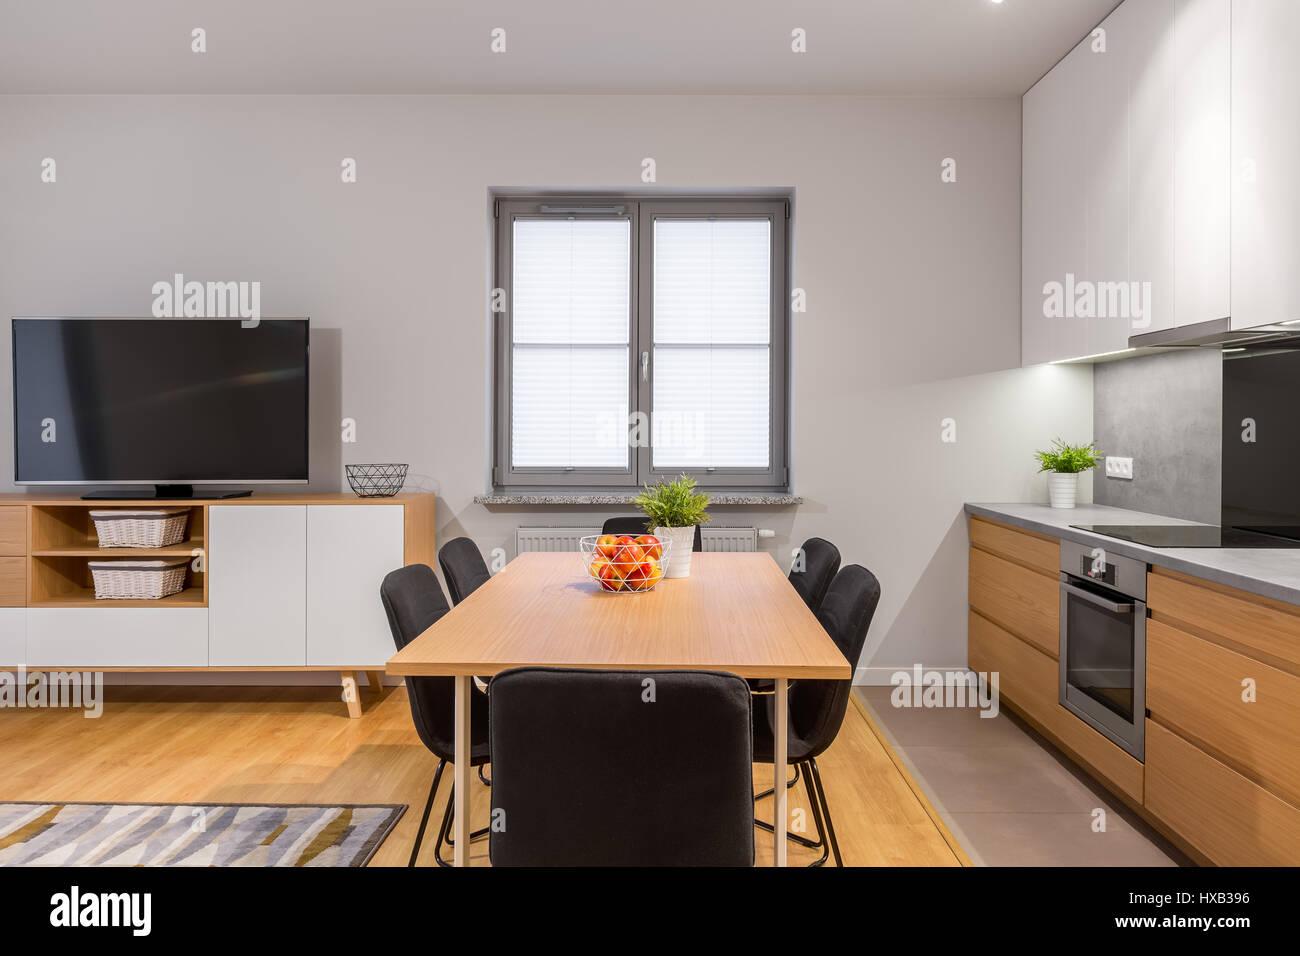 Modernen Offenen Raum Wohnung Mit Küche, Esszimmer Und Wohnzimmer Verbunden